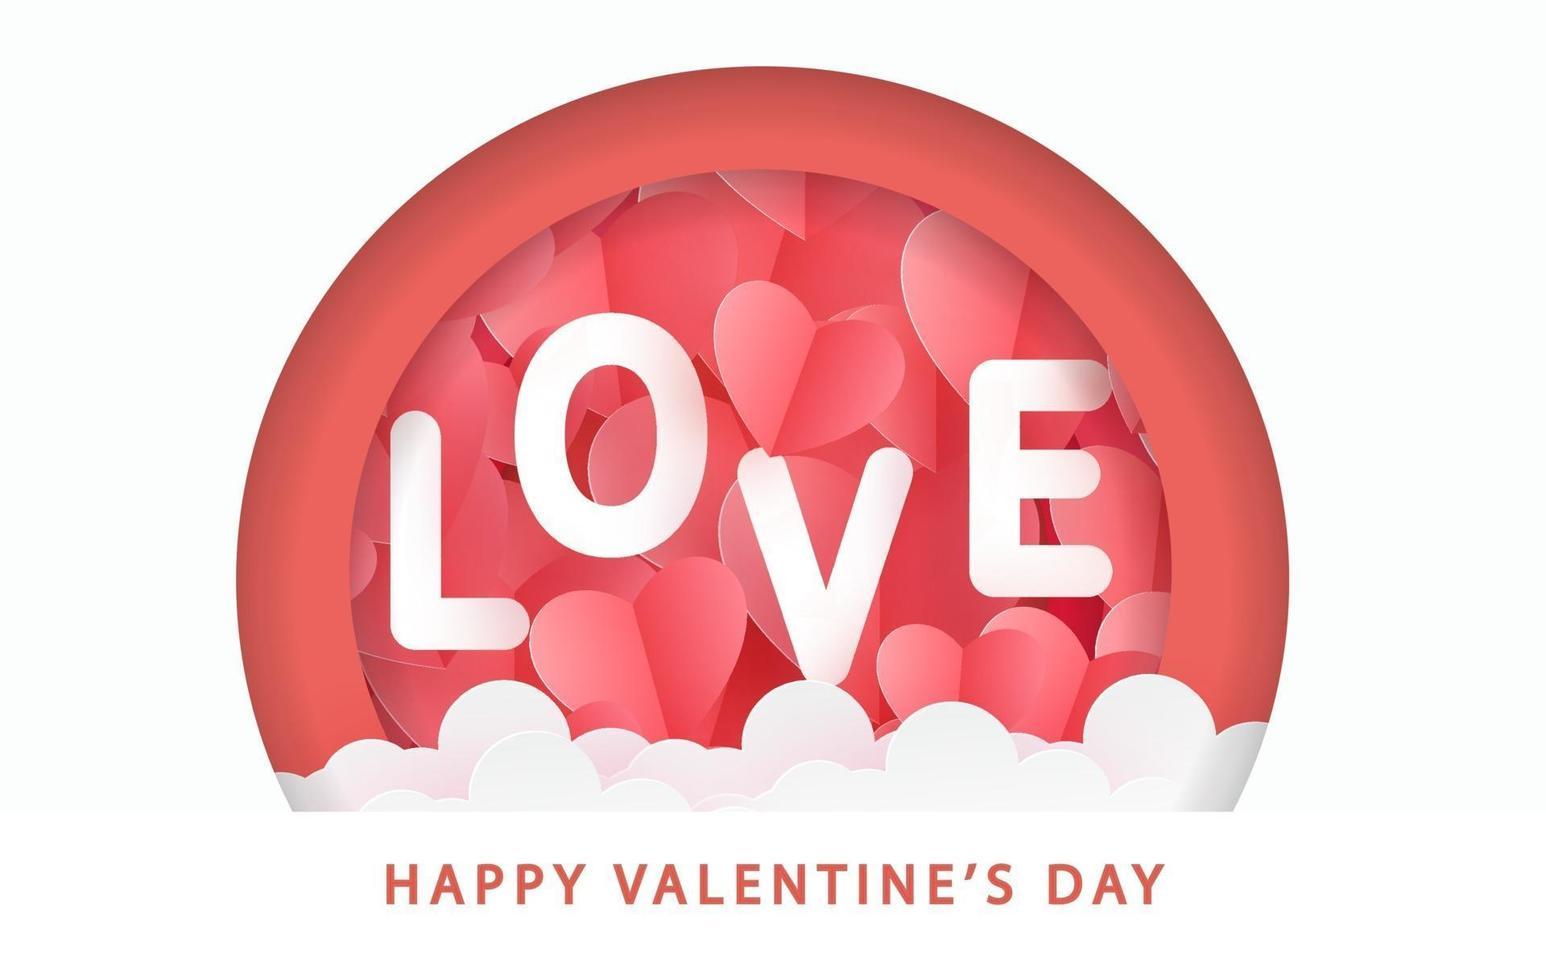 Valentijnsdag wenskaart met papieren kunst harten en liefdetekst. vector